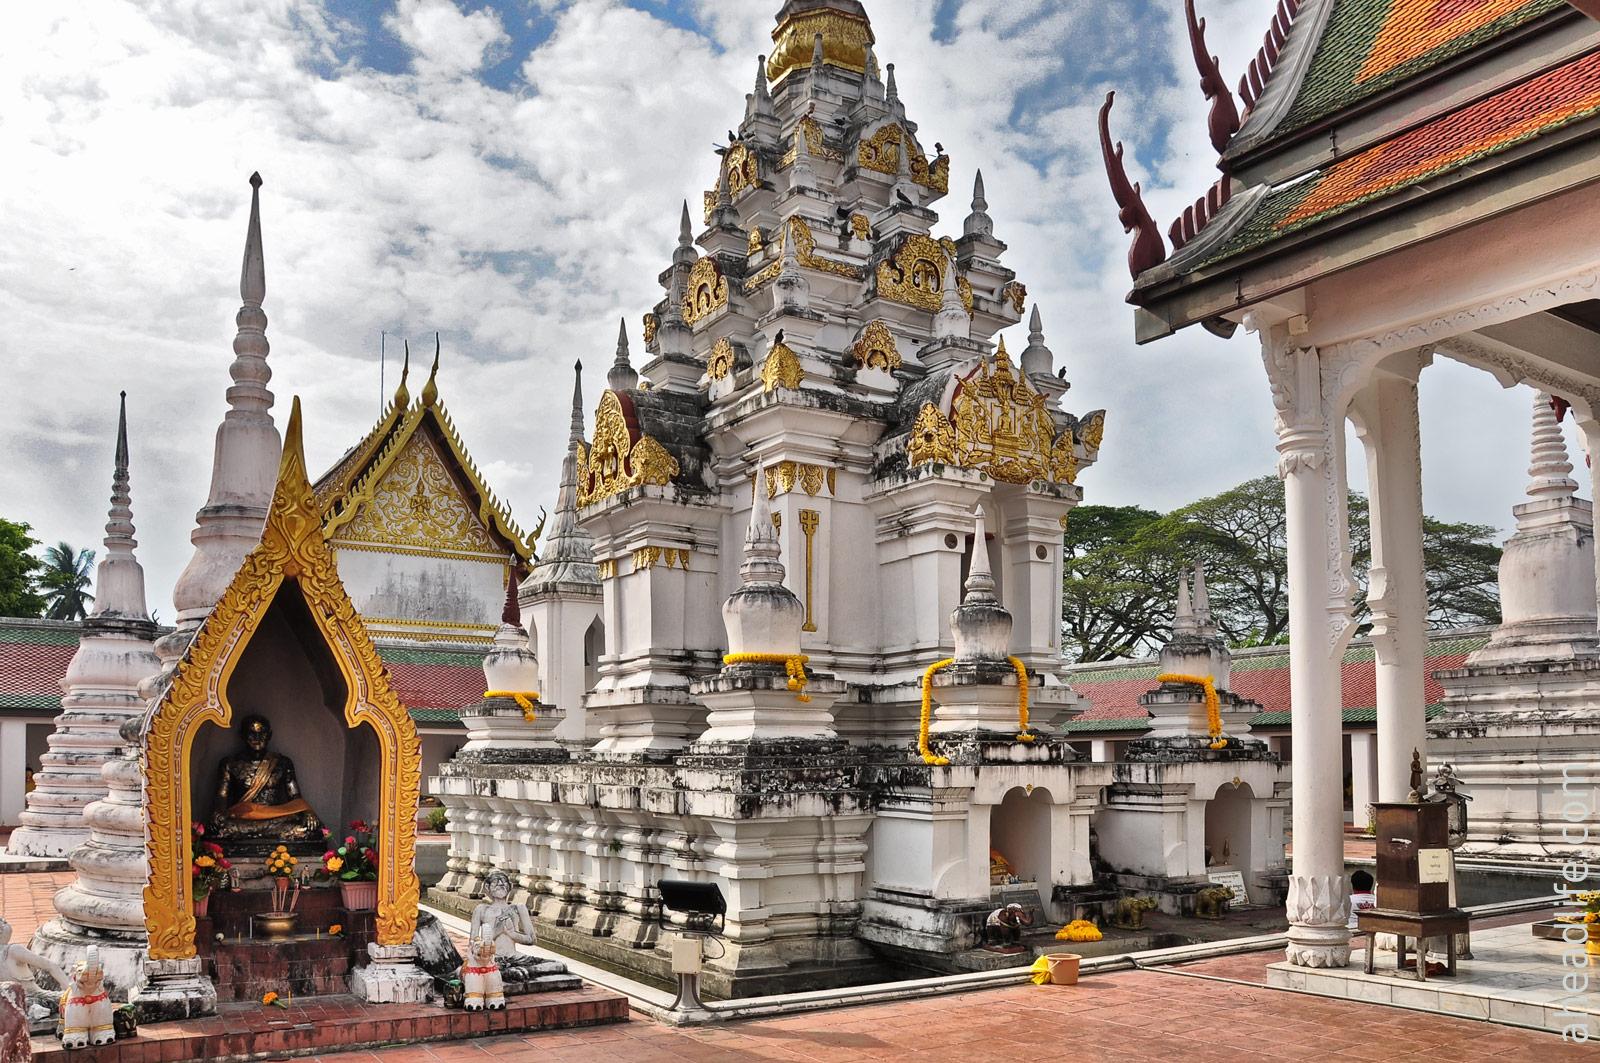 Ступа в стиле Шри Виджаи Wat Phra Borommathat